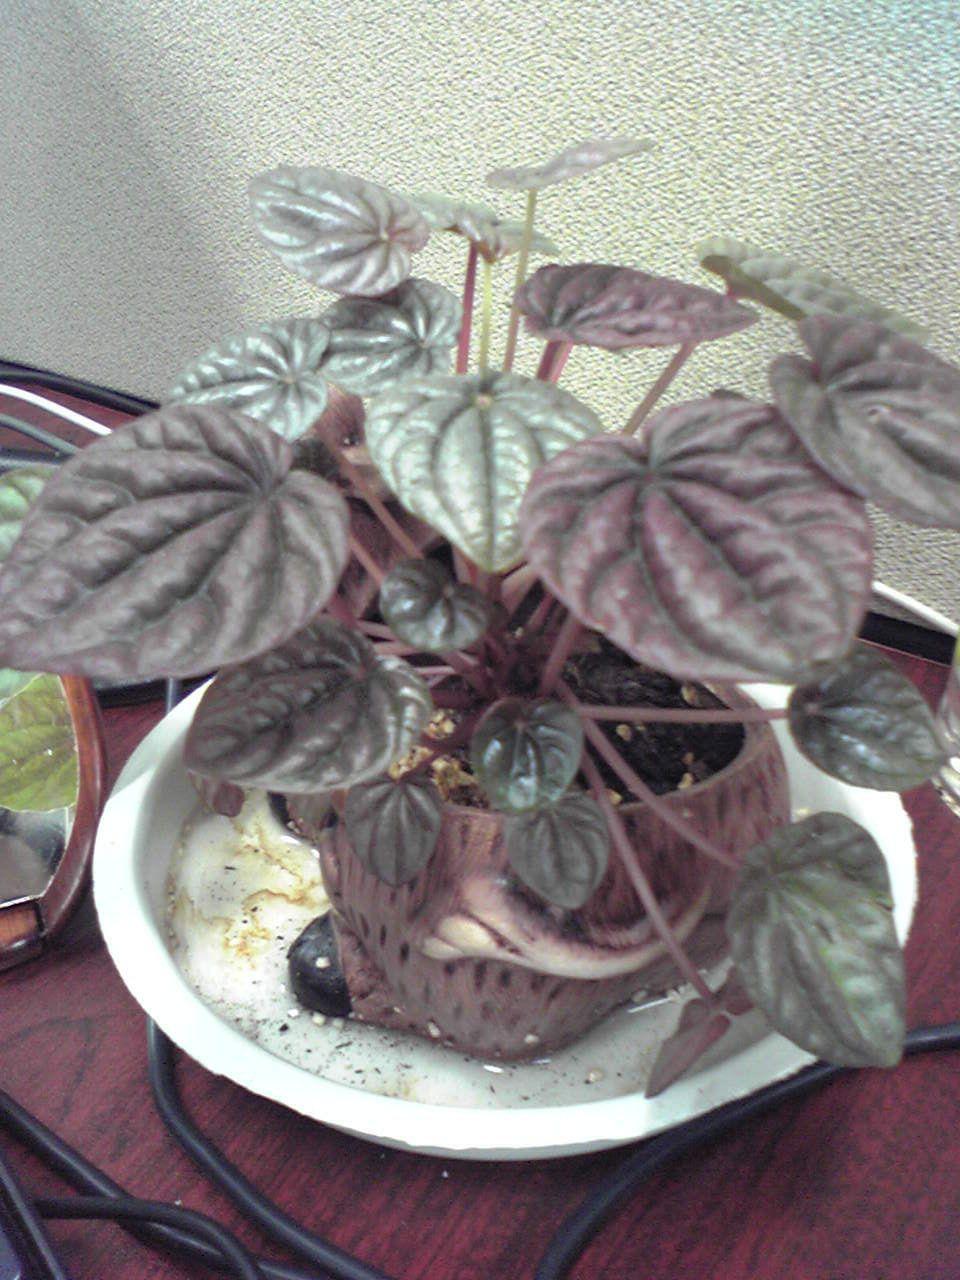 紫色带绿心型叶子,紫色的茎,草本,这是什么植物阿?有图